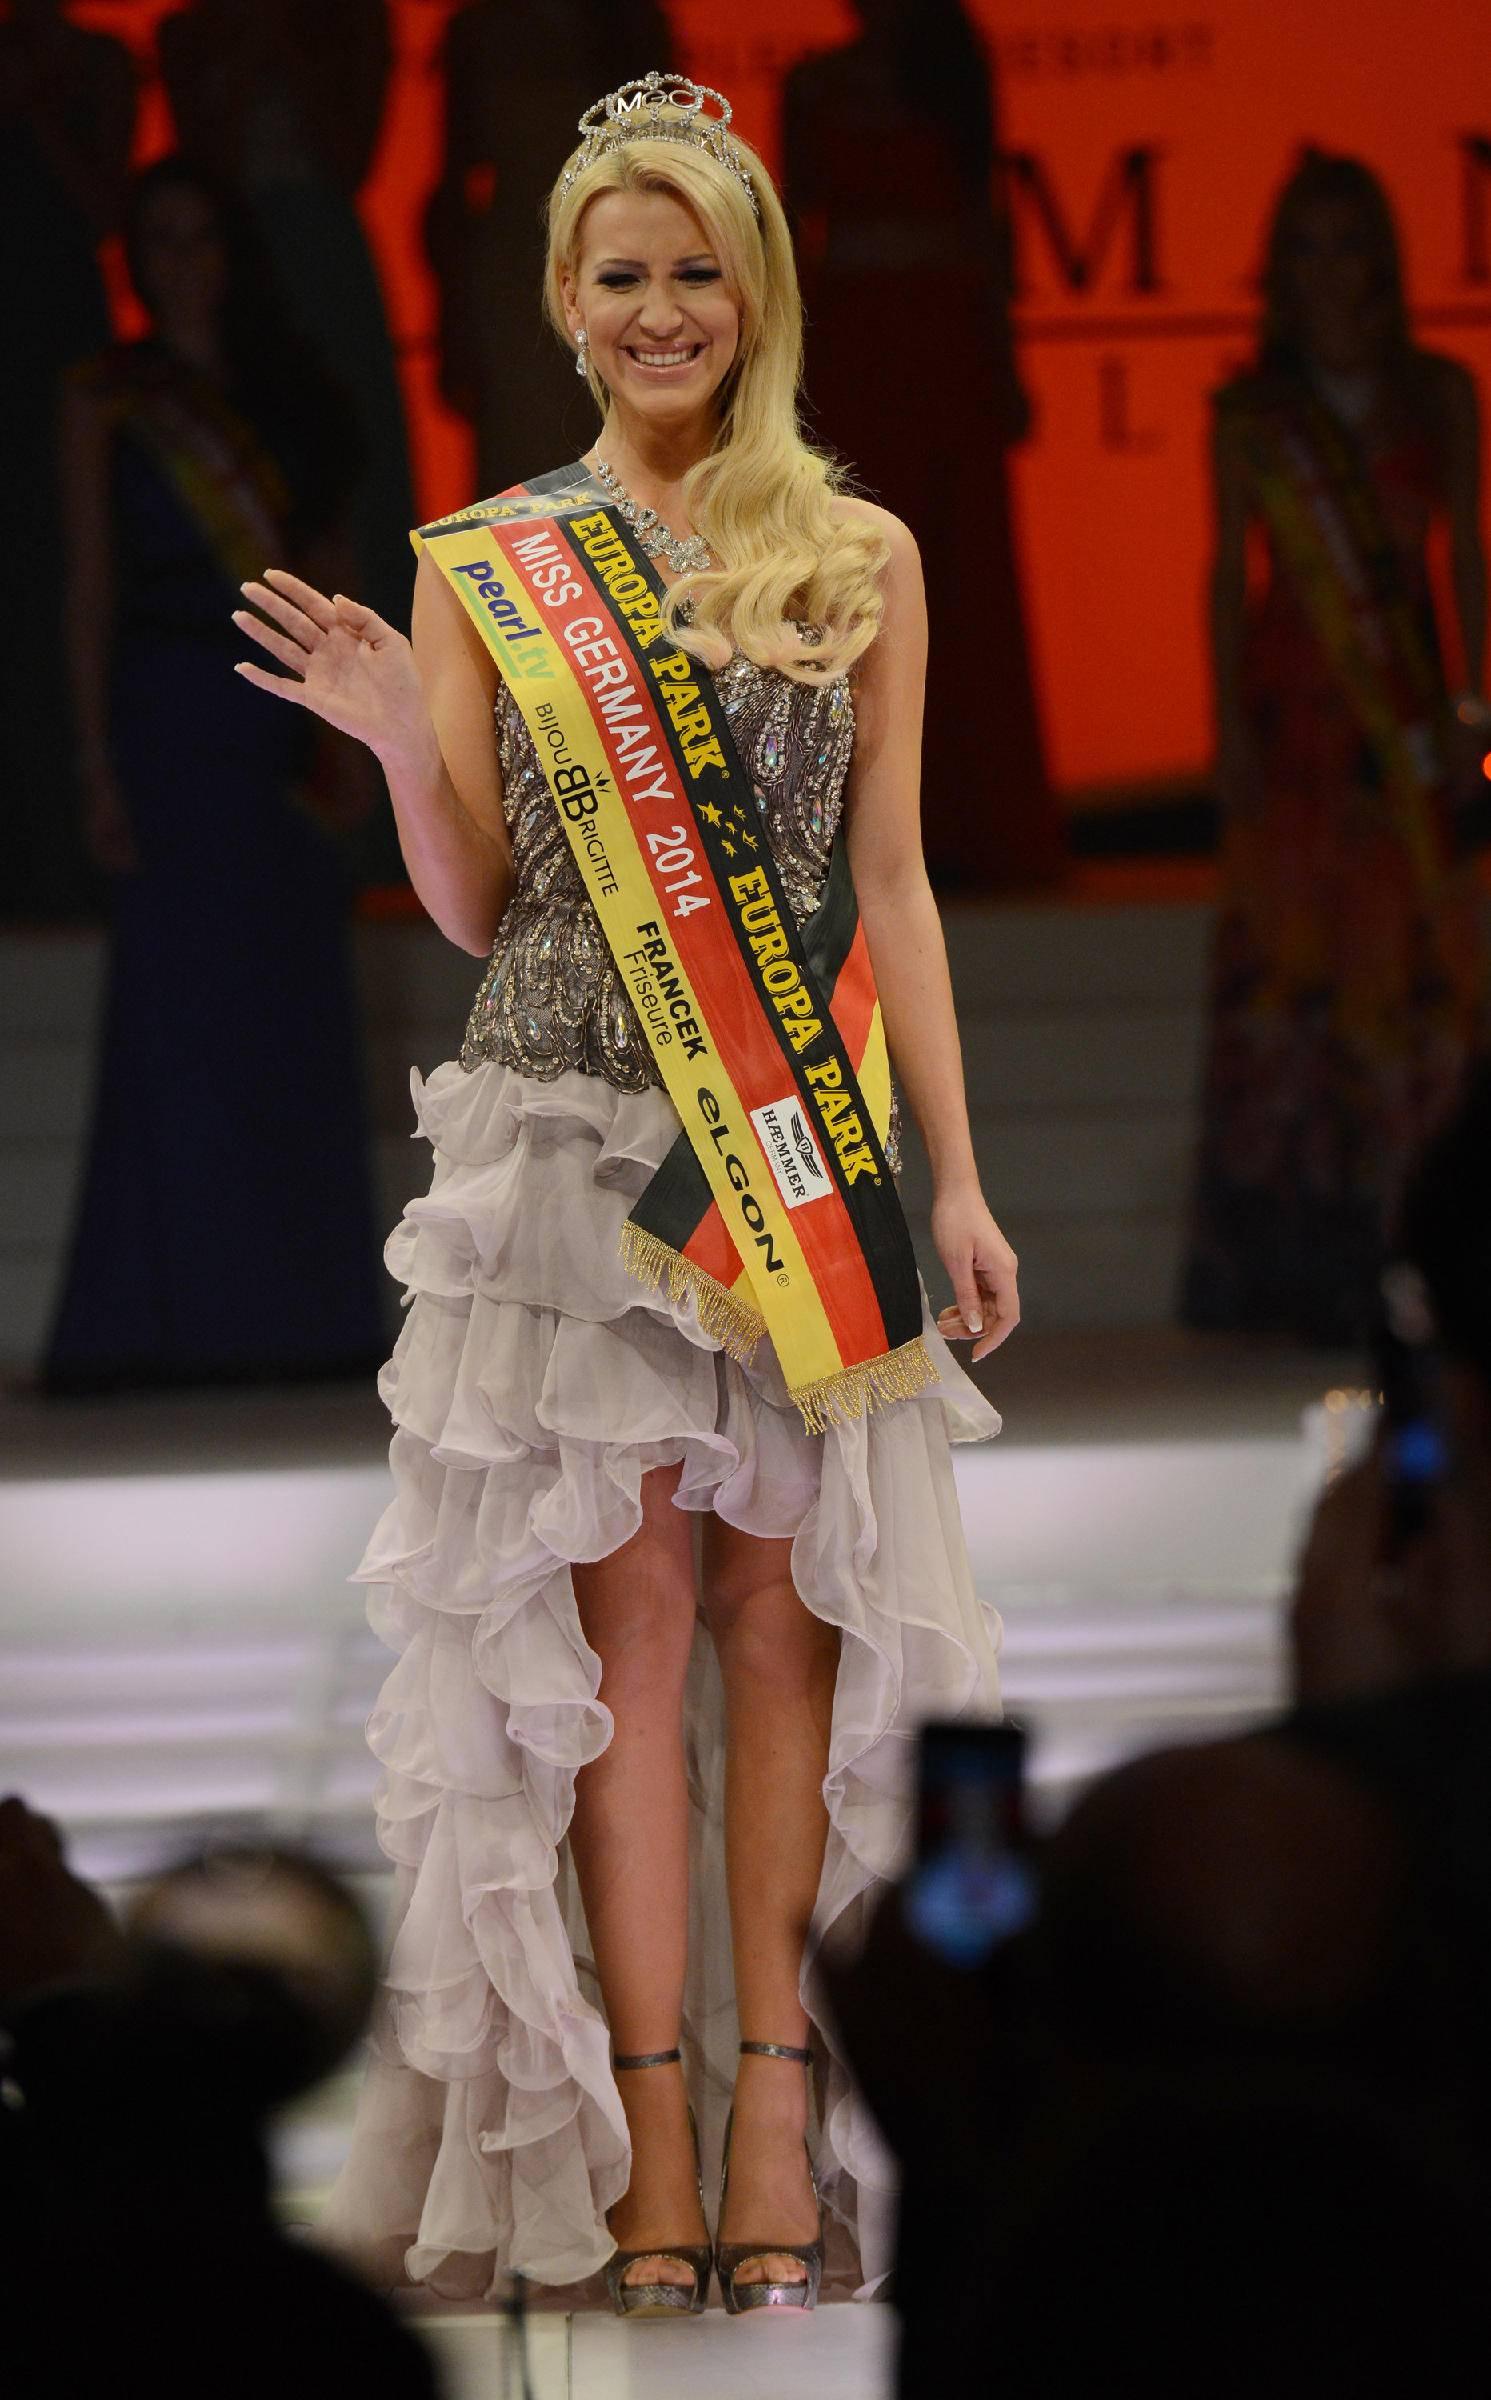 Das ist die neue Miss Germany 2014